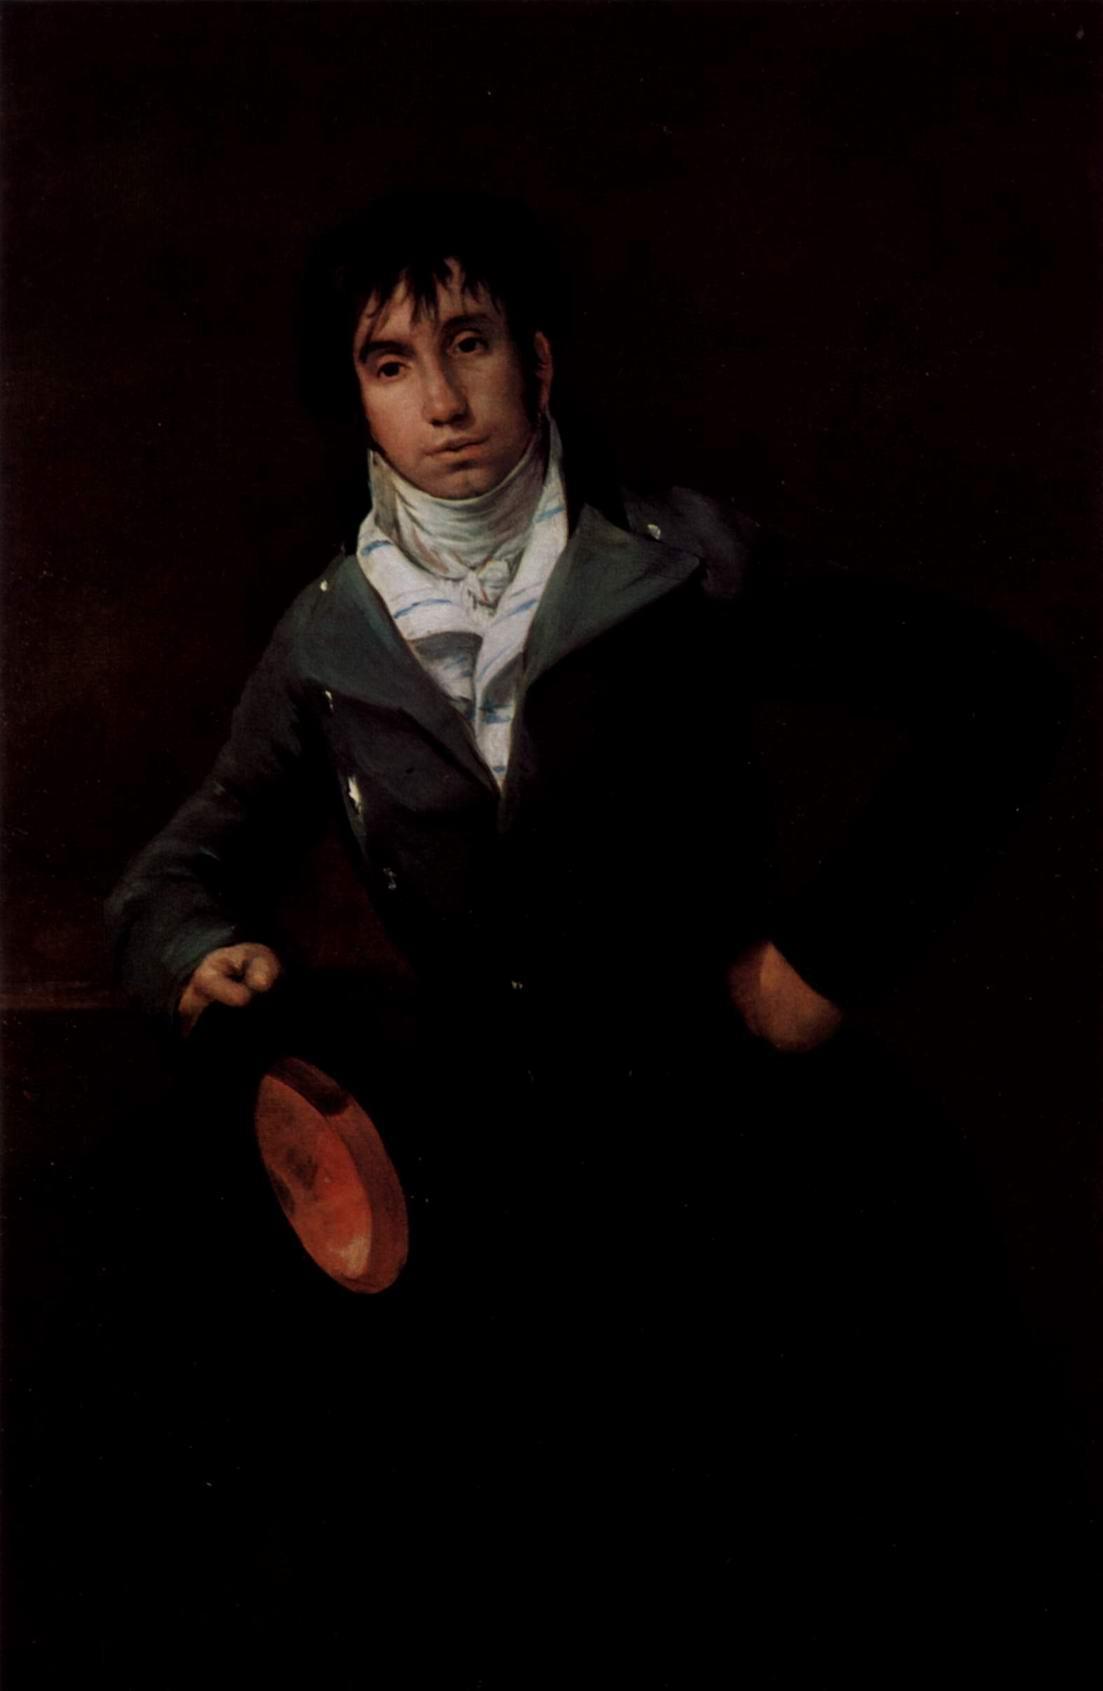 Портрет Бартоломе Суреда-и-Мизероль, Франсиско де Гойя-и-Лусьентес